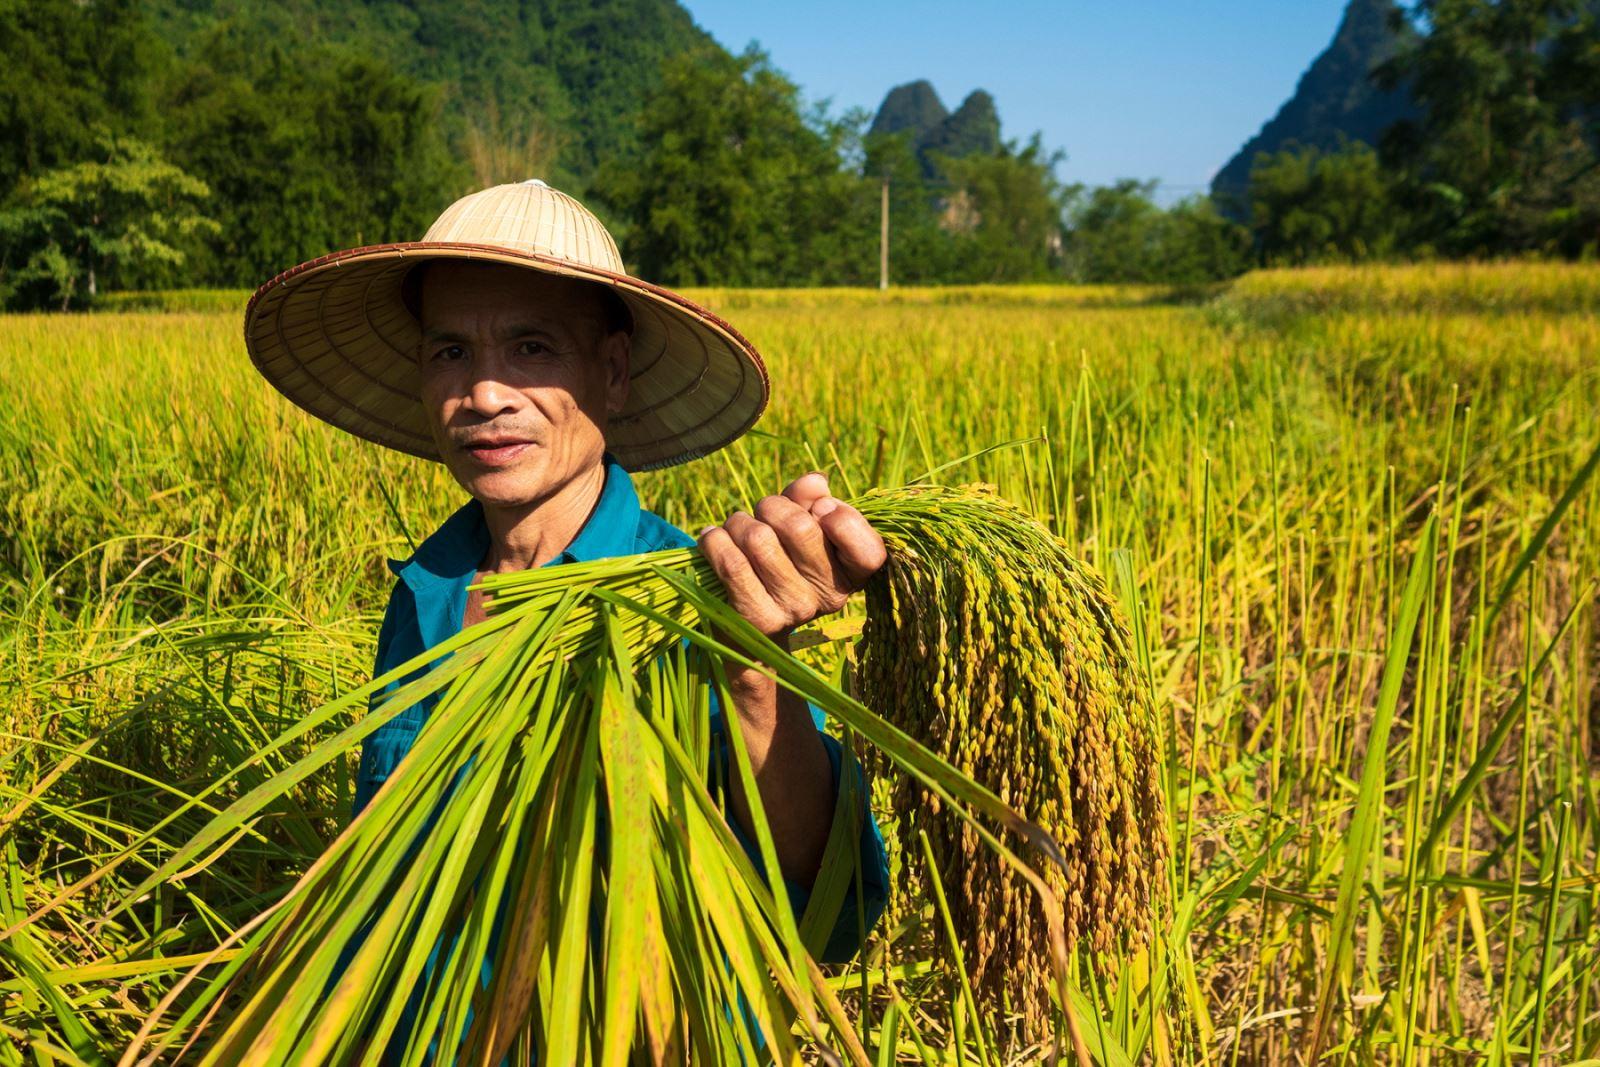 Người dân ở đây cho biết khi thu hoạch lúa nếp, phải hái từng bông, rồi phơi trong nhà thì gạo nếp mới ngon và không bị vỡ như tuốt lúa bằng máy.